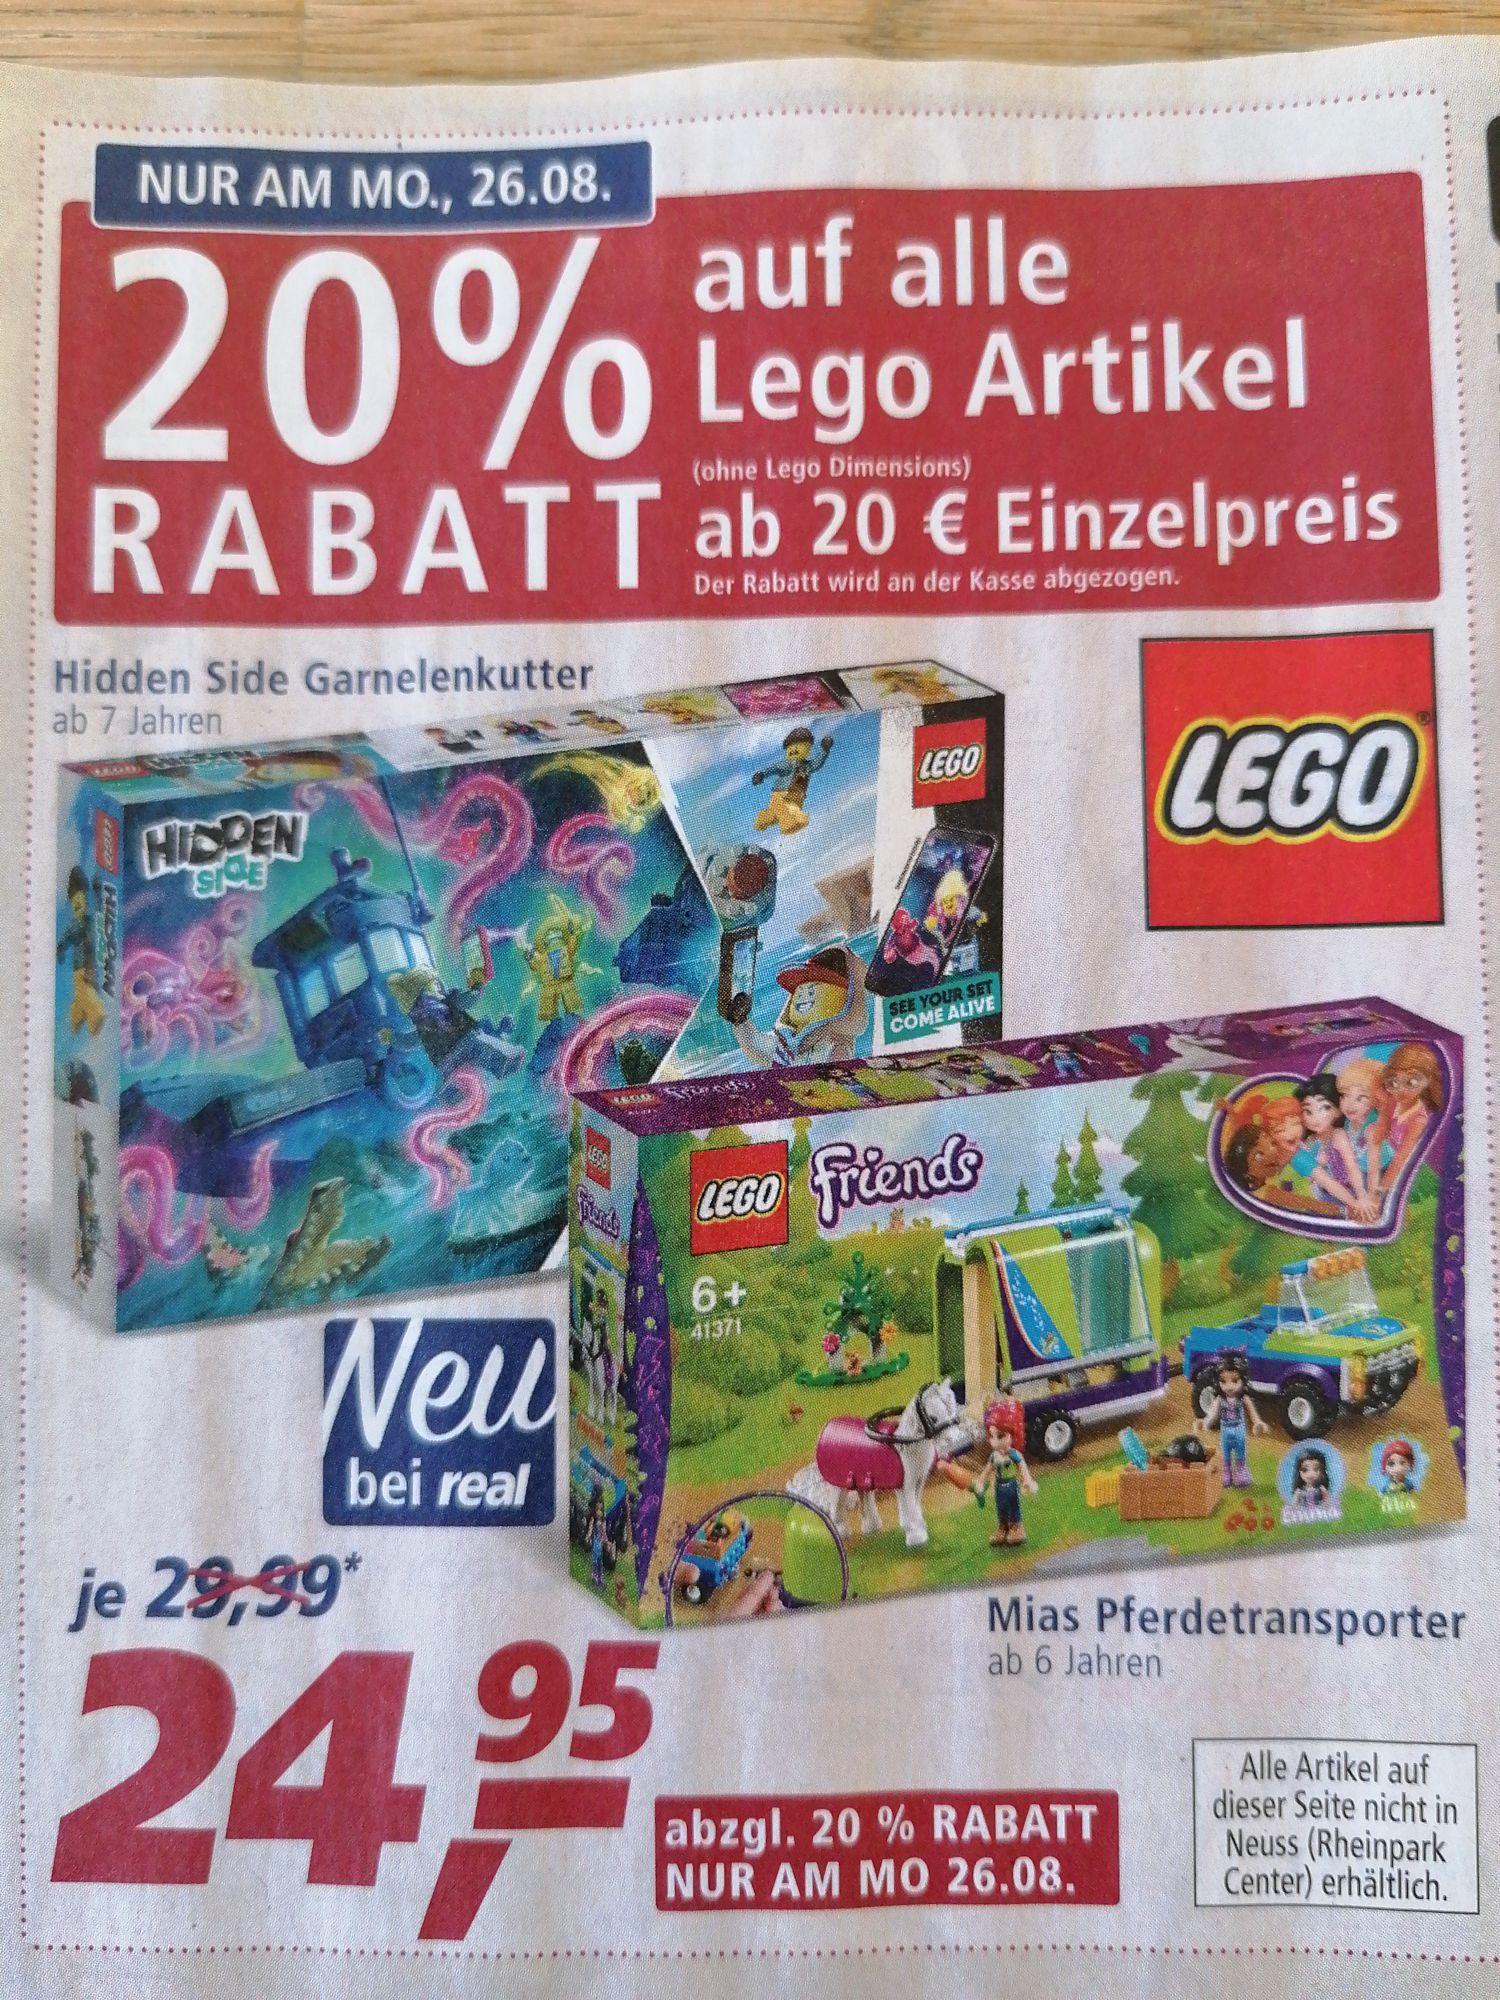 20% auf alle Lego Artikel ab 20 Euro Einzelpreis bei Real (regional)